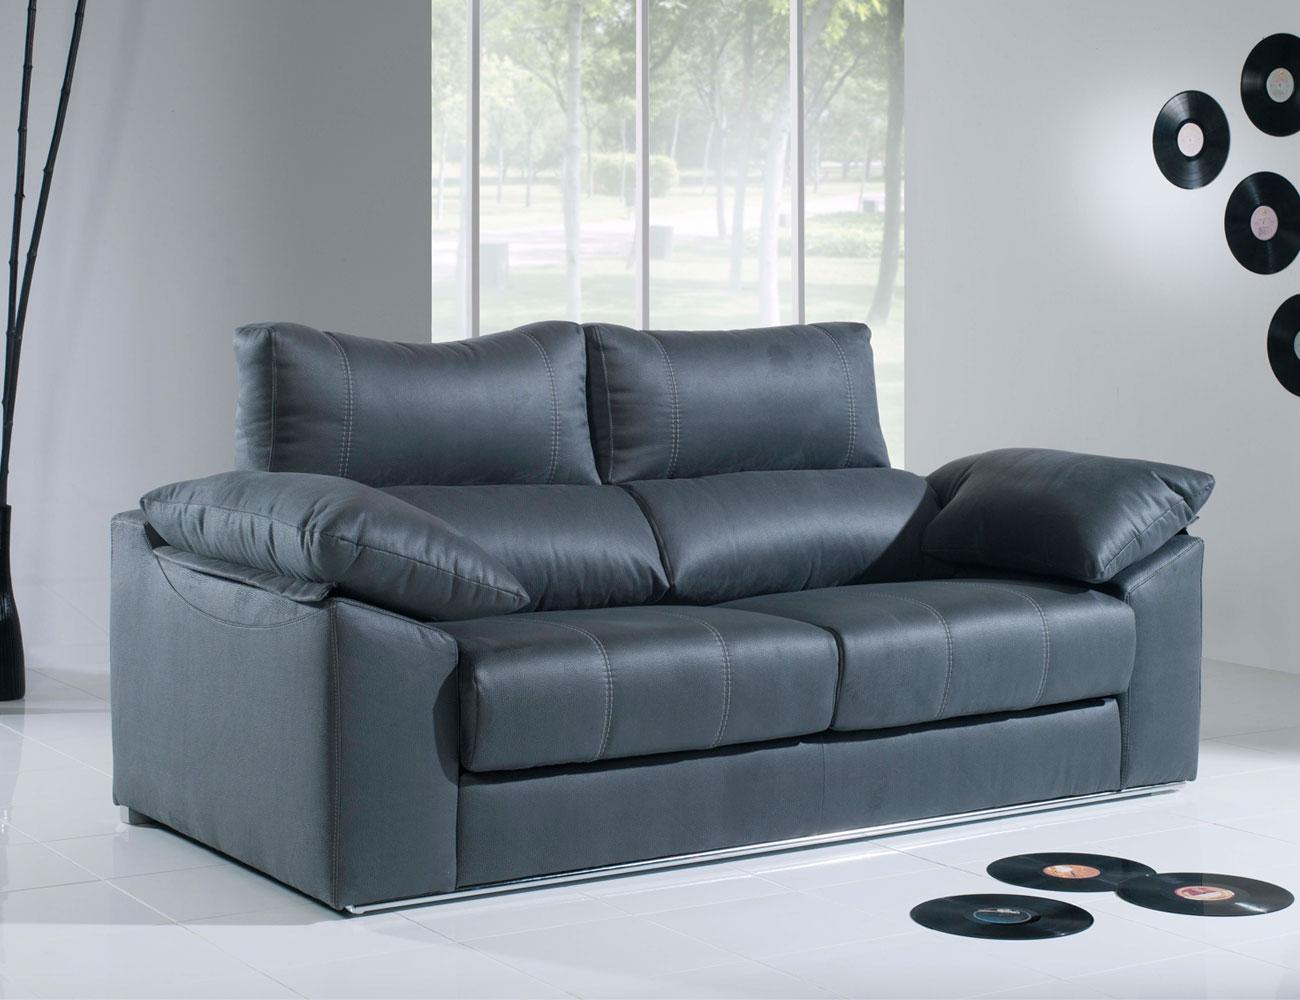 Sofa 3 plazas moderno con barra